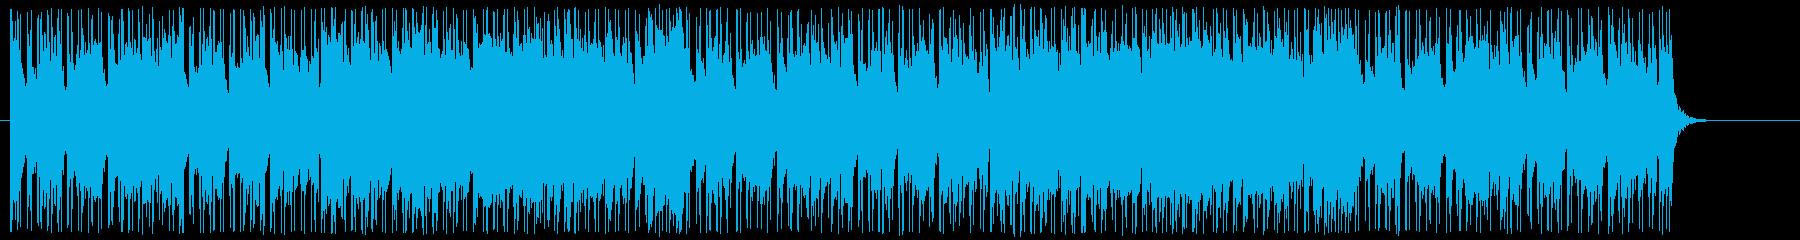 楽しい感じ、ポップな曲。ループ可。の再生済みの波形